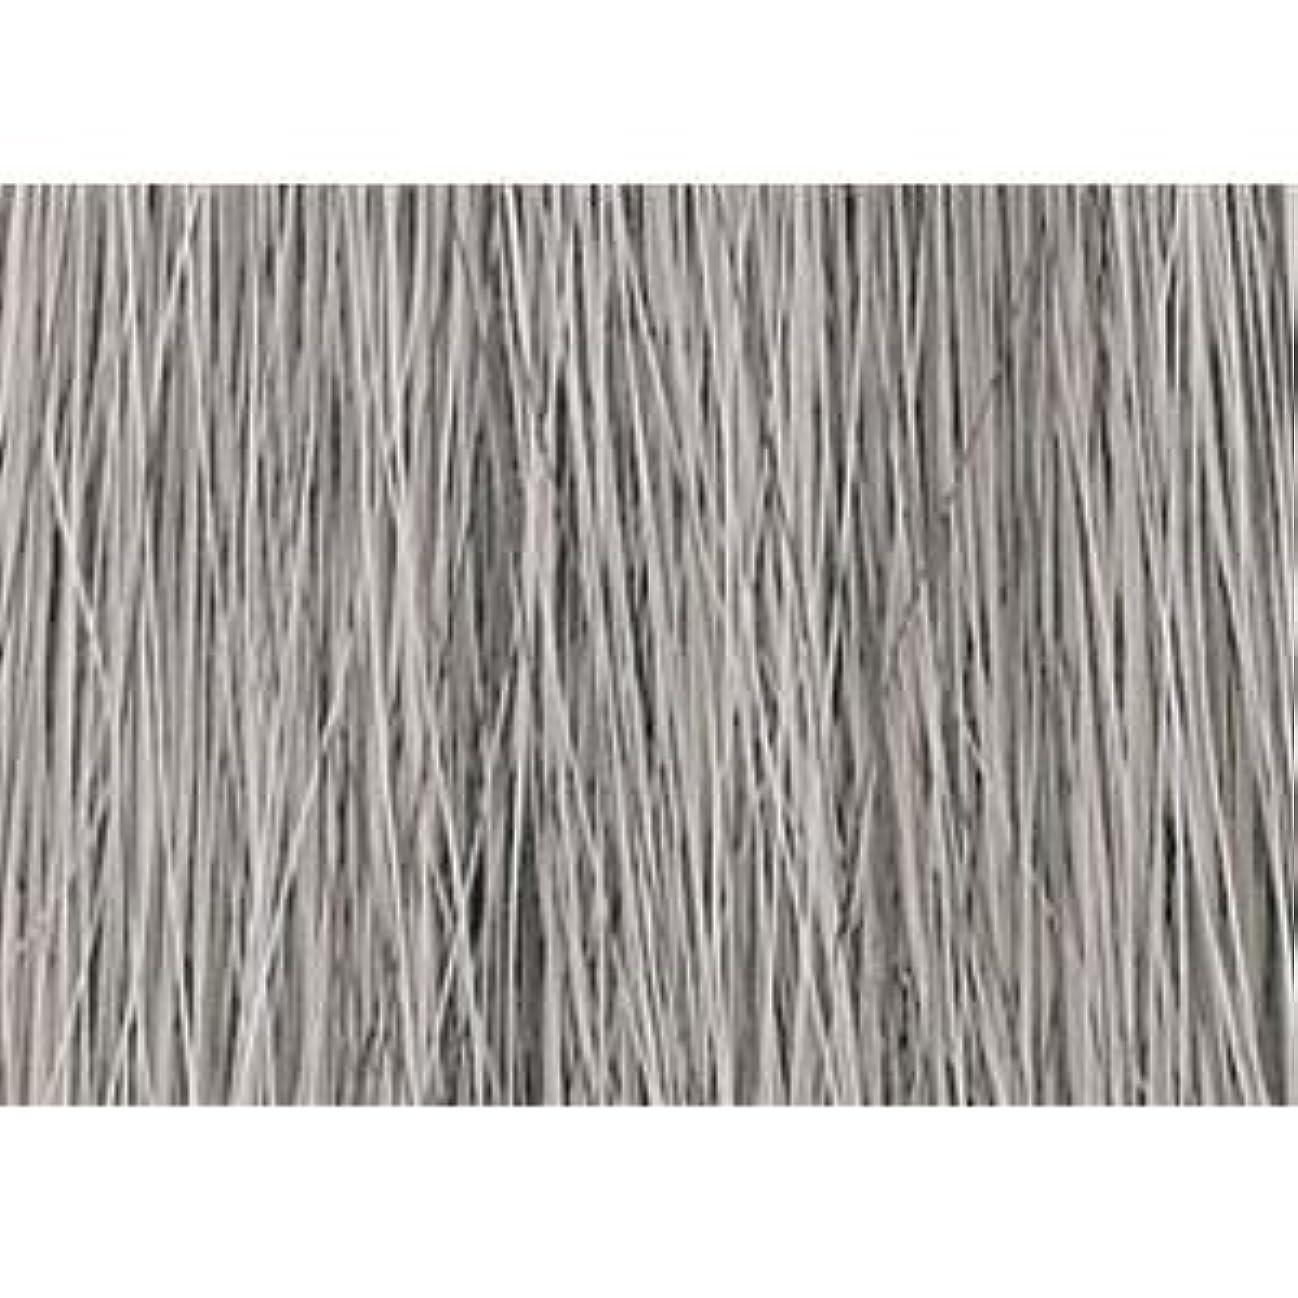 捕虜明確な専門化するモアヘアピース * 白髪80%